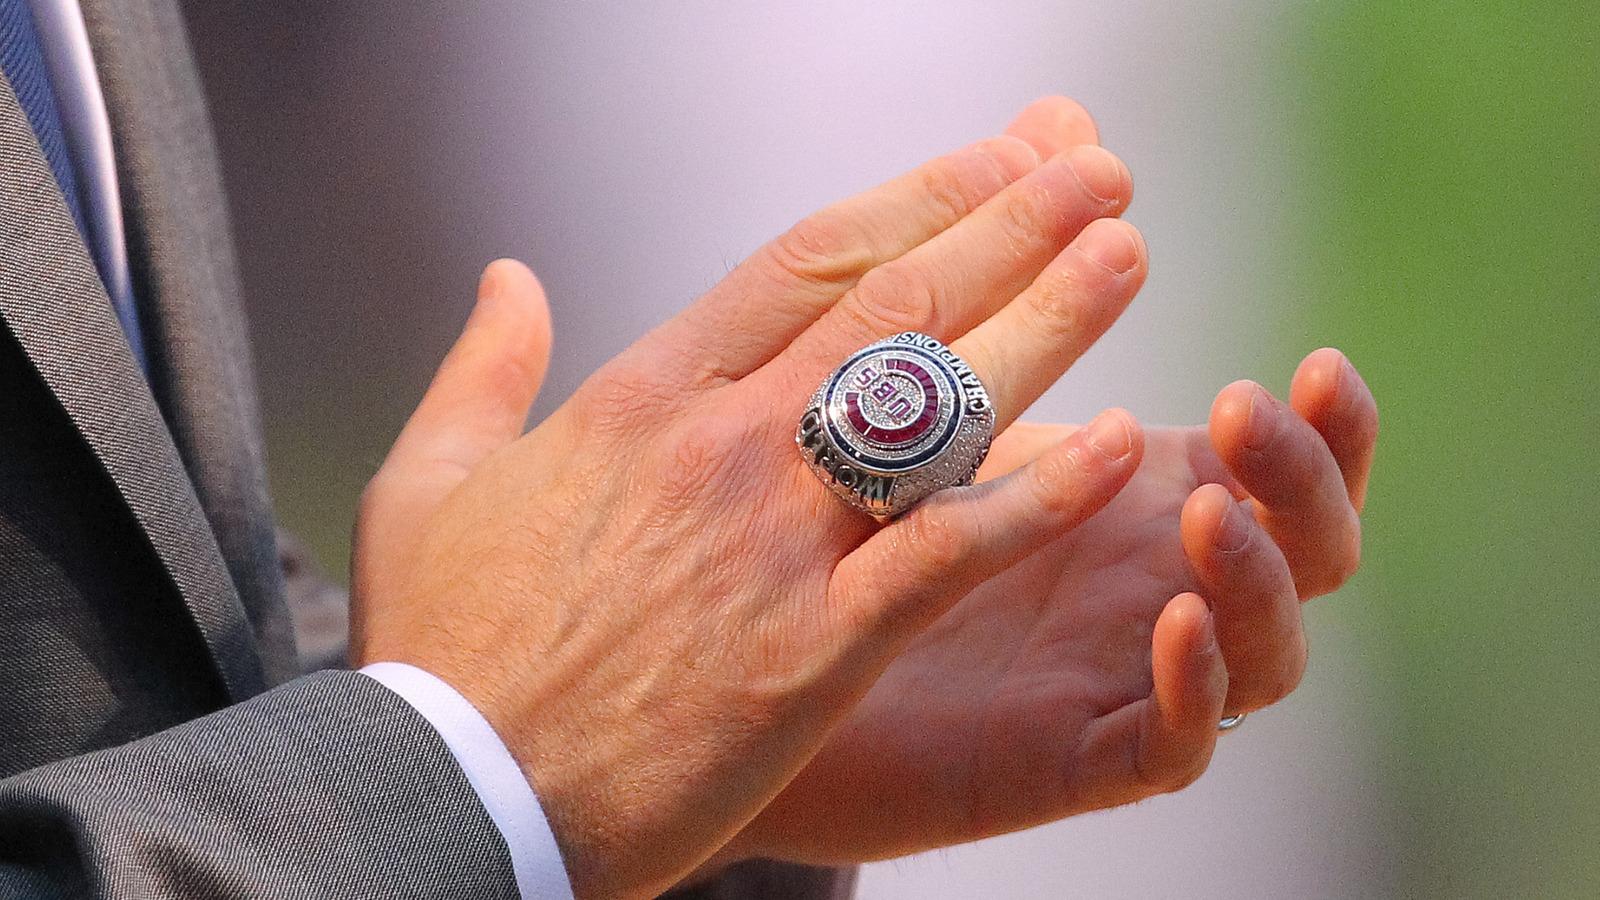 Thumb Ring Mlb